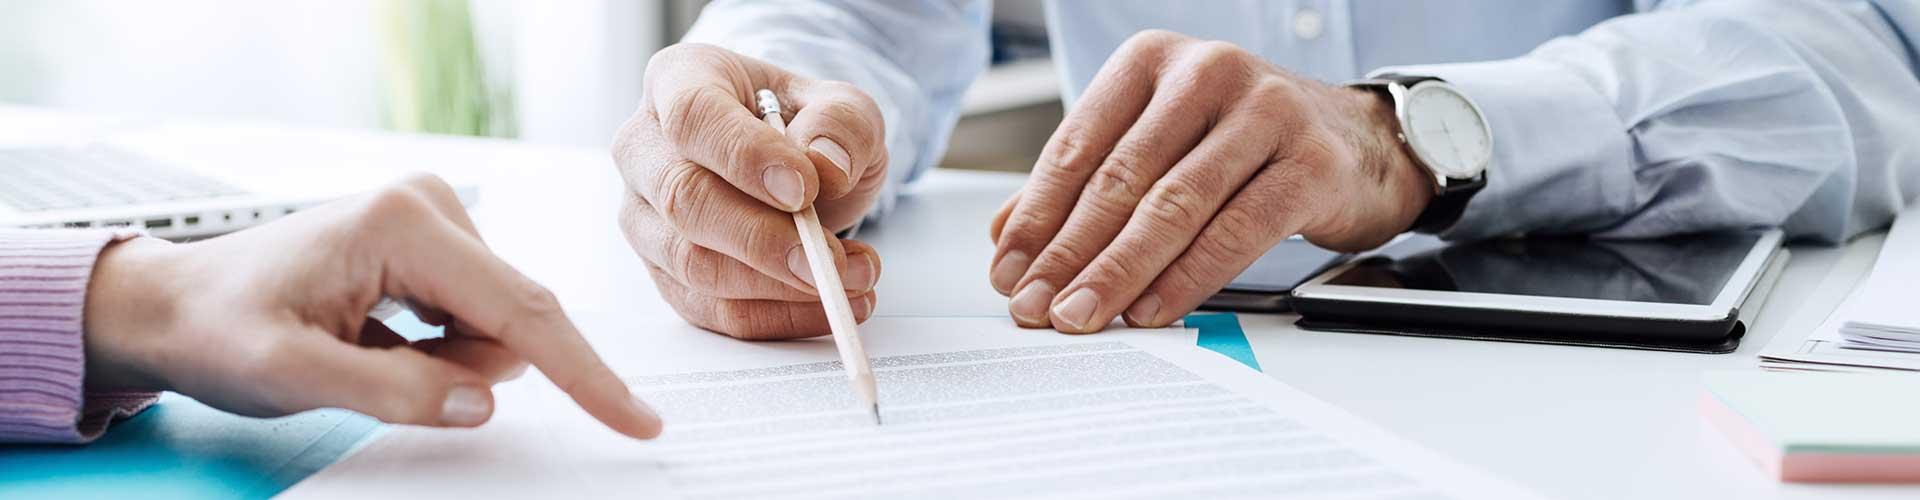 Anwalt für Dienstvertragsrecht in Brandenburg